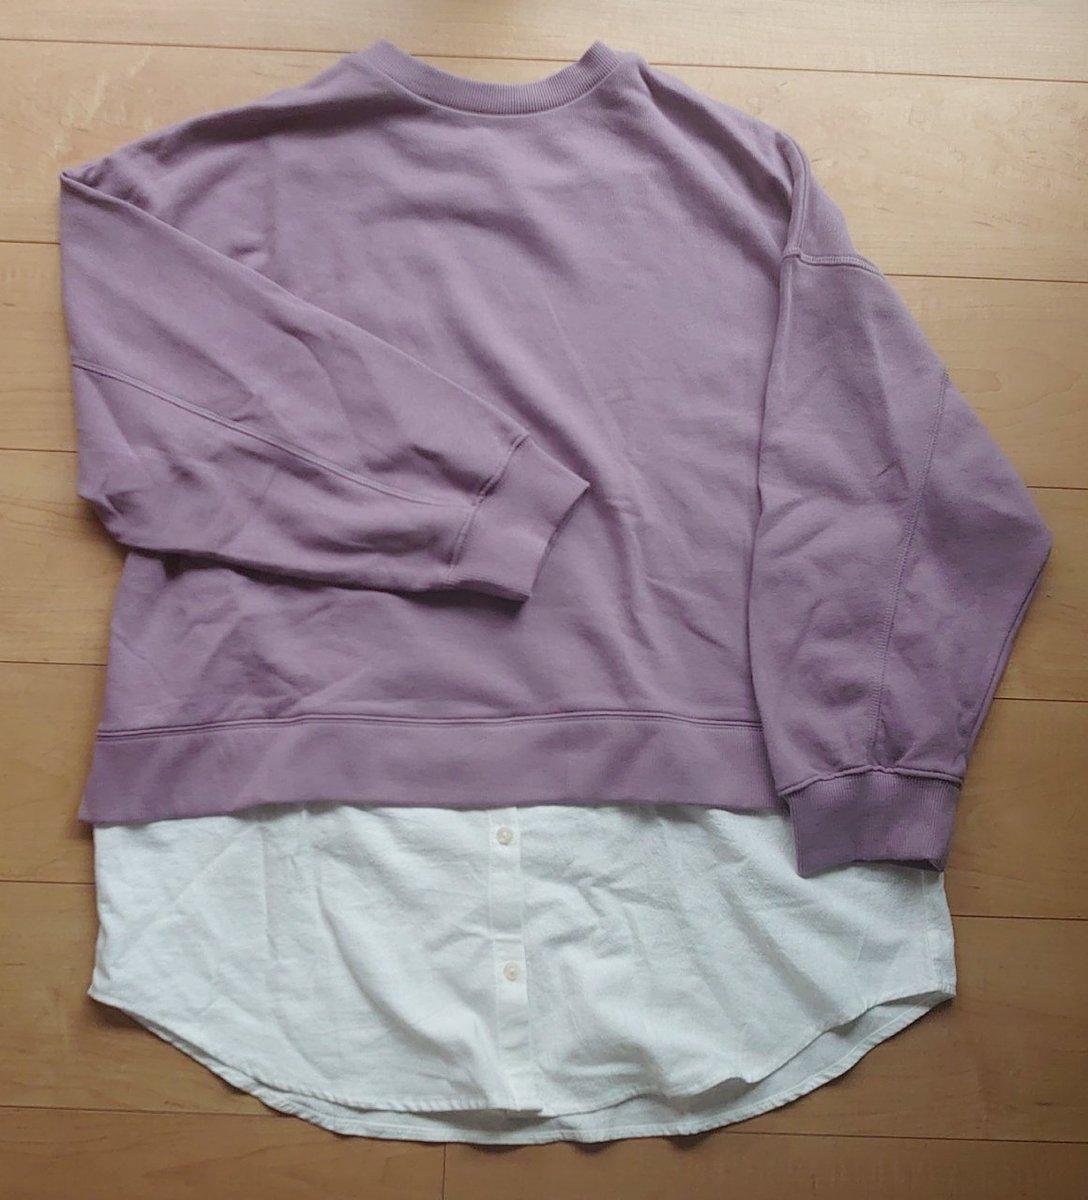 実は追いてらしてました🙈大好きなパープルだし、シャツの生地がいい感じ✨かわいい💕✅TERAスソフハクPO 淡紫 #terawearemu #しまむら #しまむら購入品 #しまパト #プチプラ